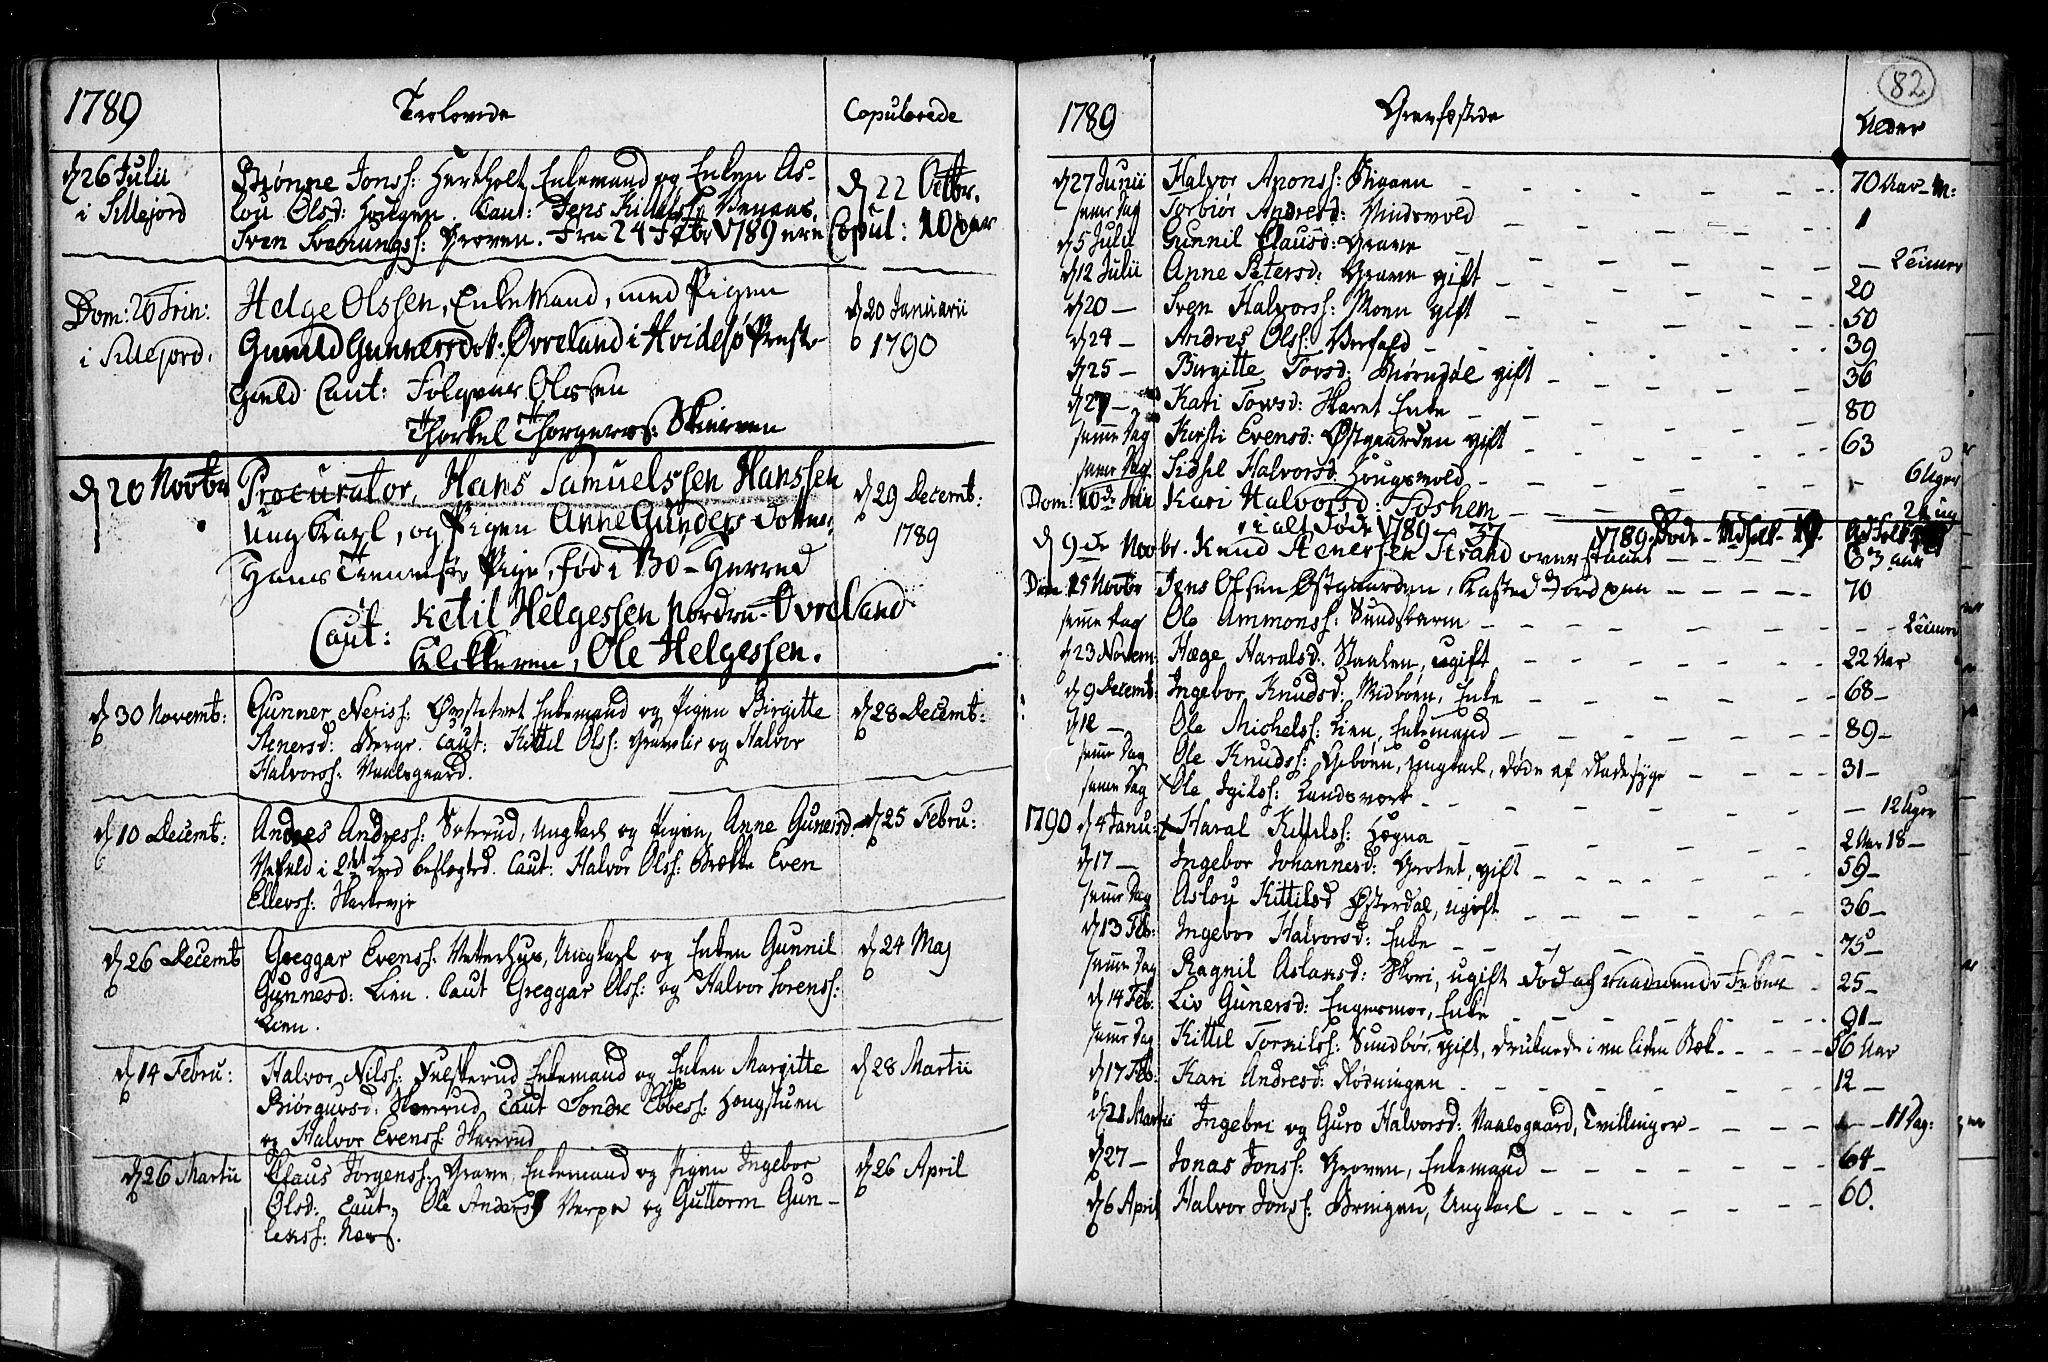 SAKO, Seljord kirkebøker, F/Fa/L0008: Ministerialbok nr. I 8, 1755-1814, s. 82